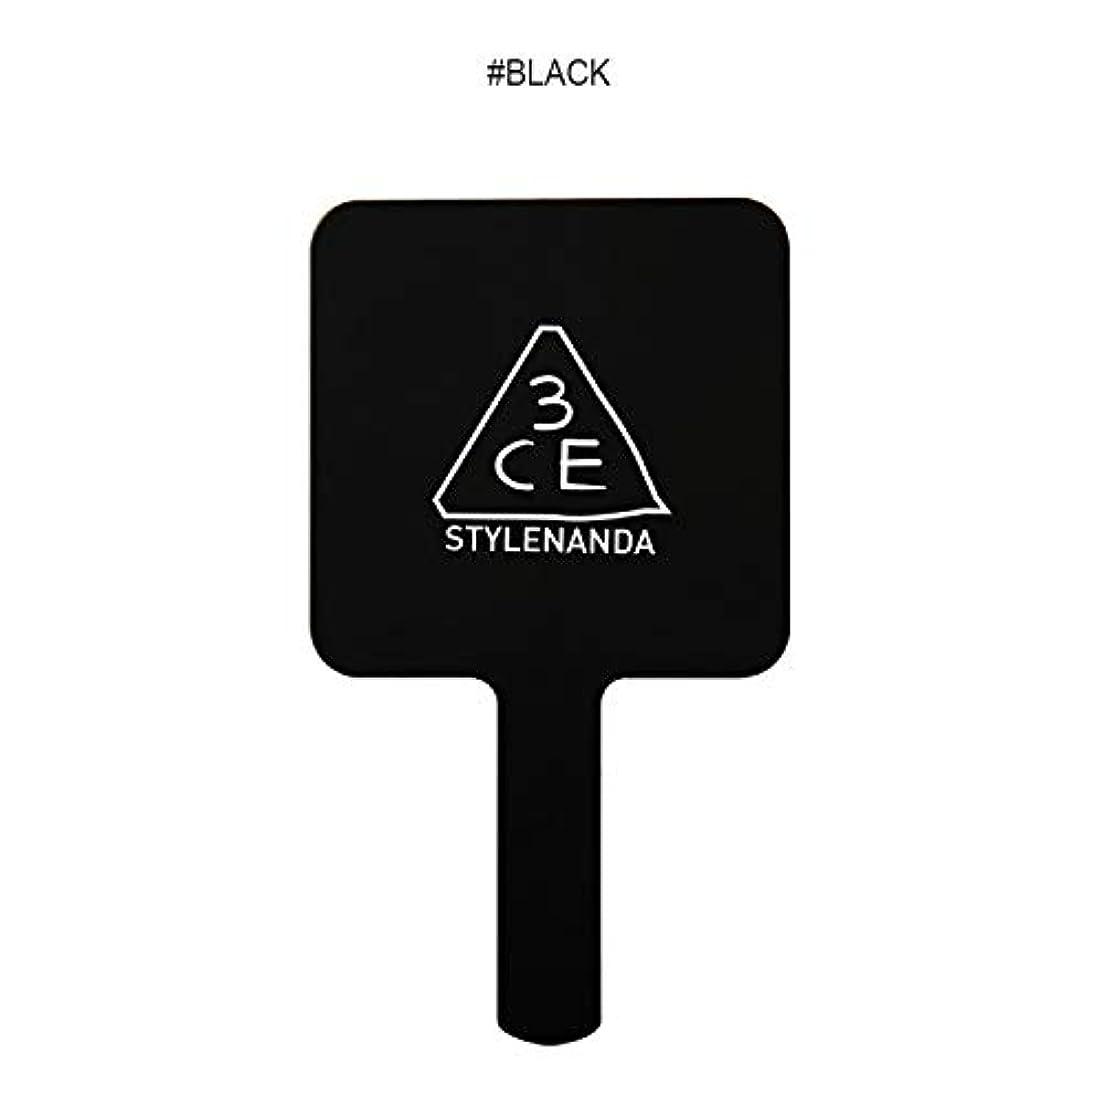 赤道ディベートふくろうスリーコンセプトアイズ 3CE ミニ ハンド ミラー #BLACK